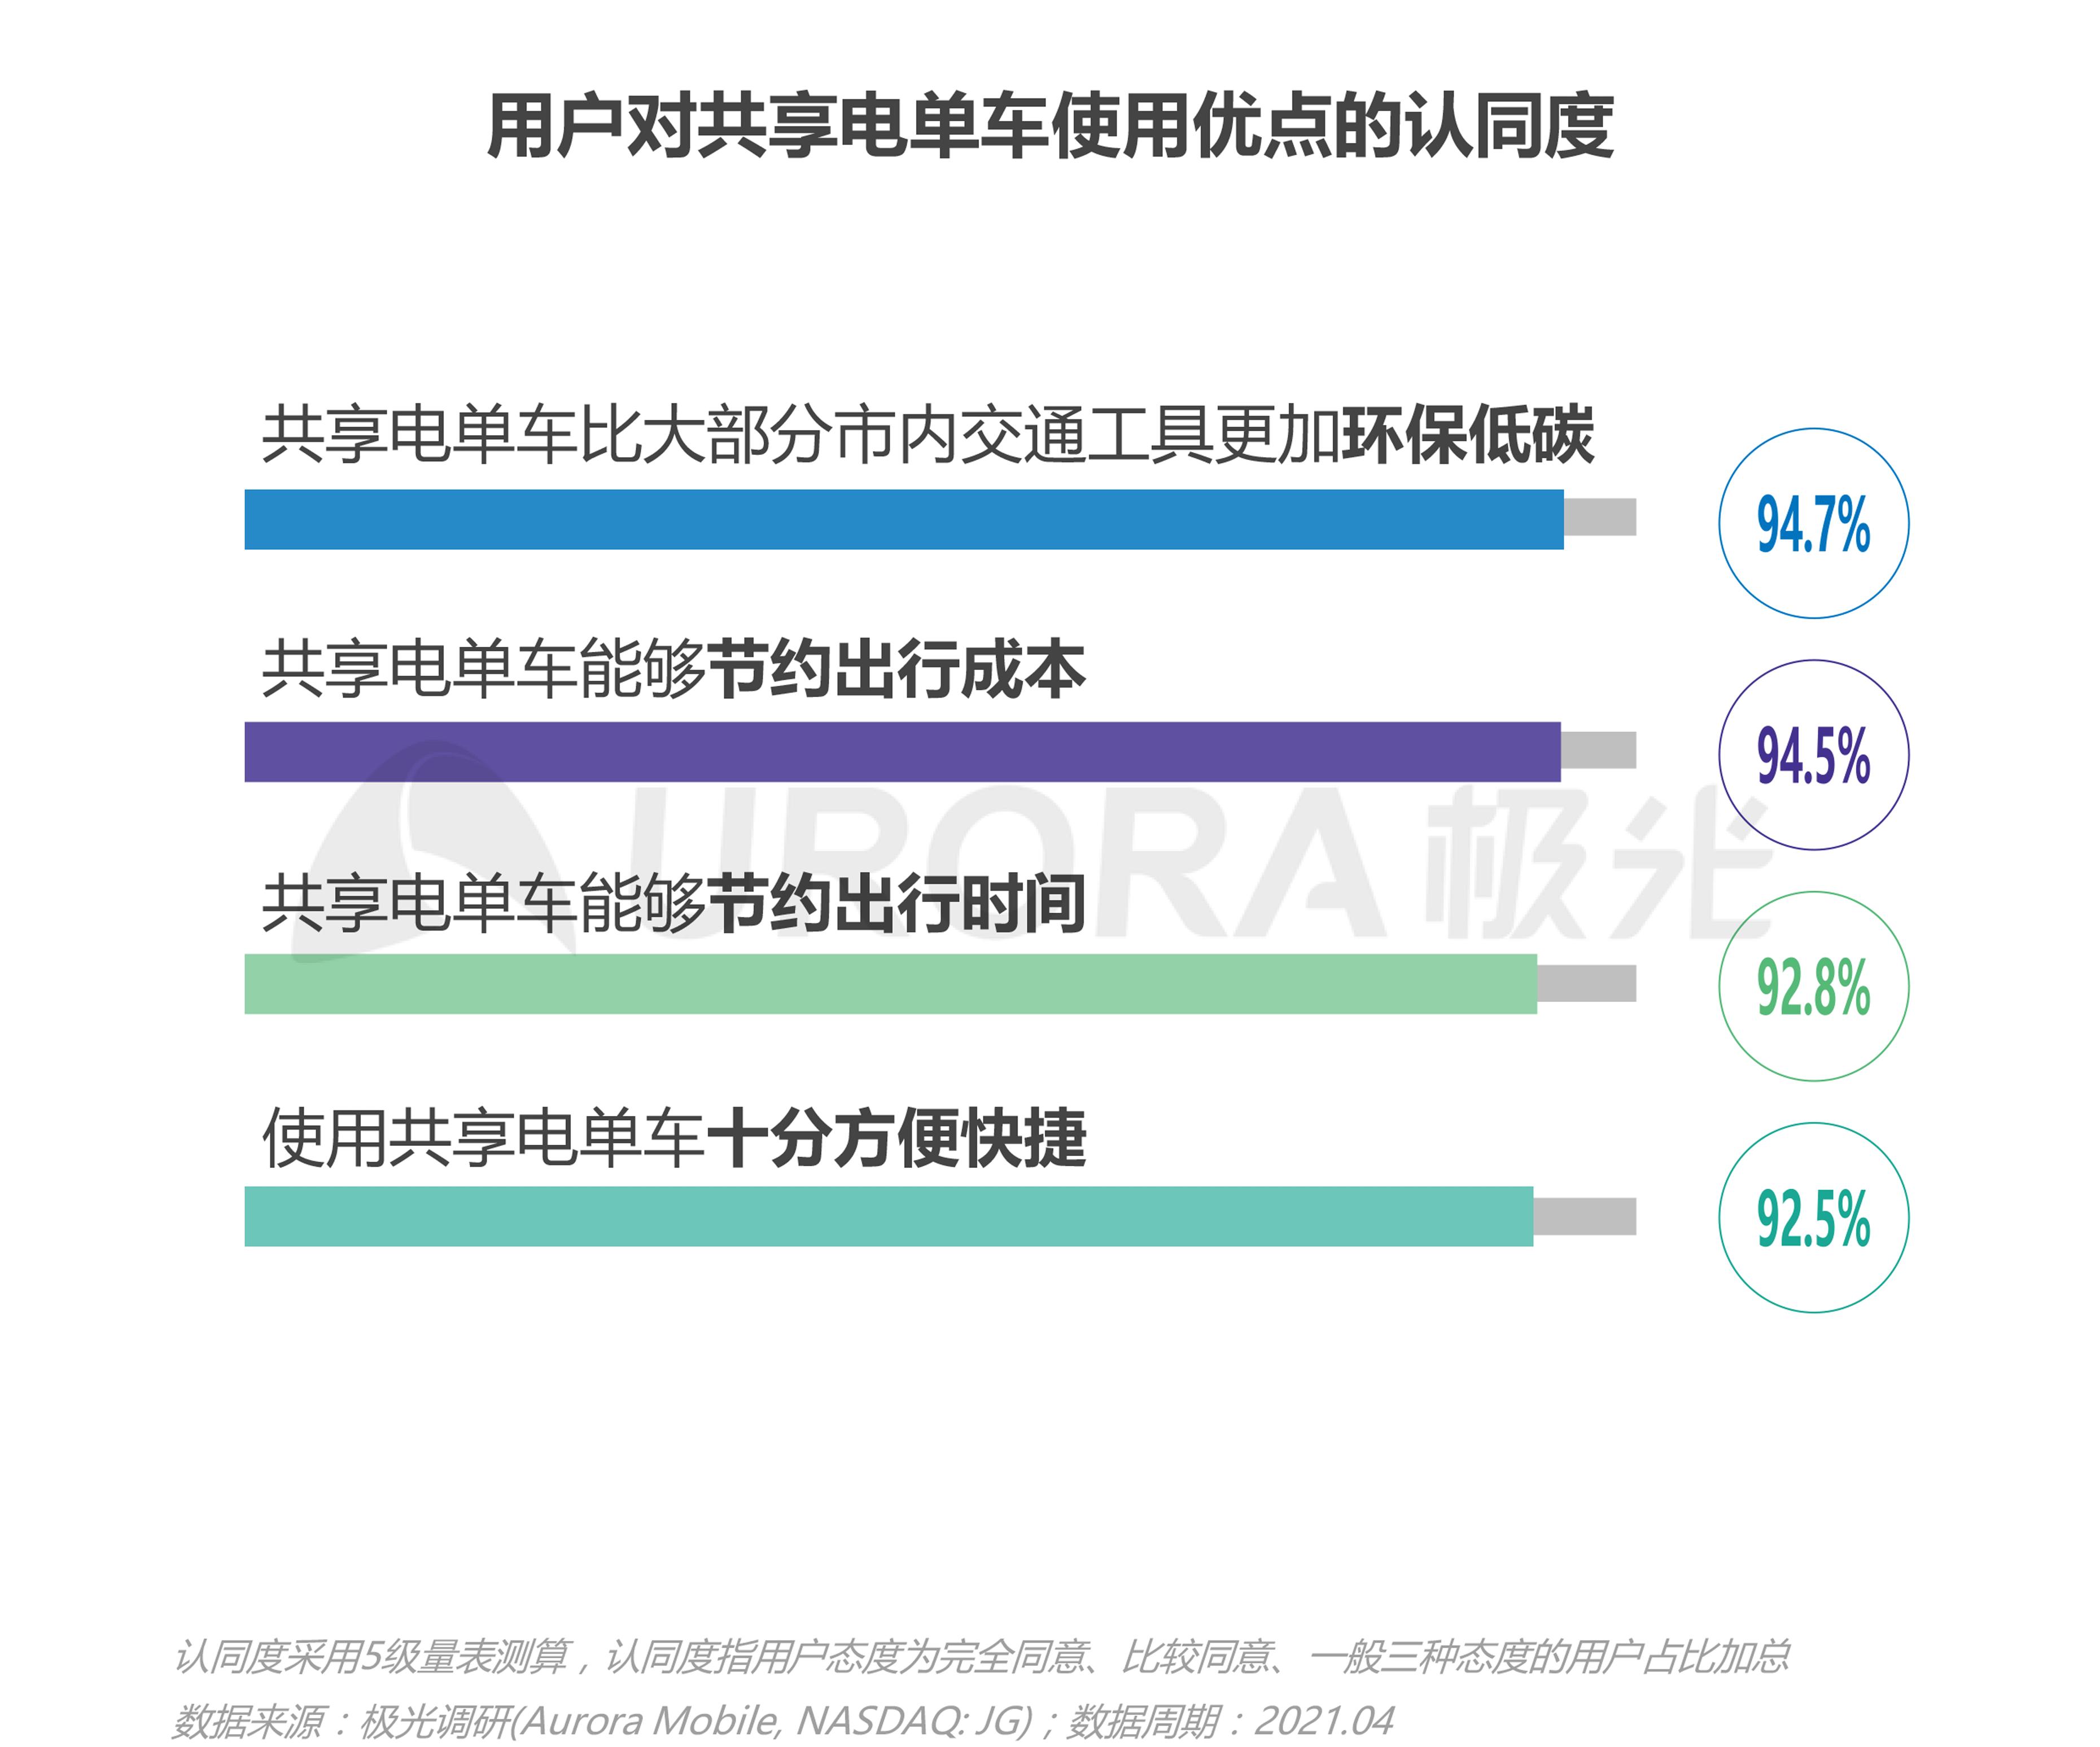 JIGUANG-共享电单车社会价值研究报告_0528(终版)-22.png